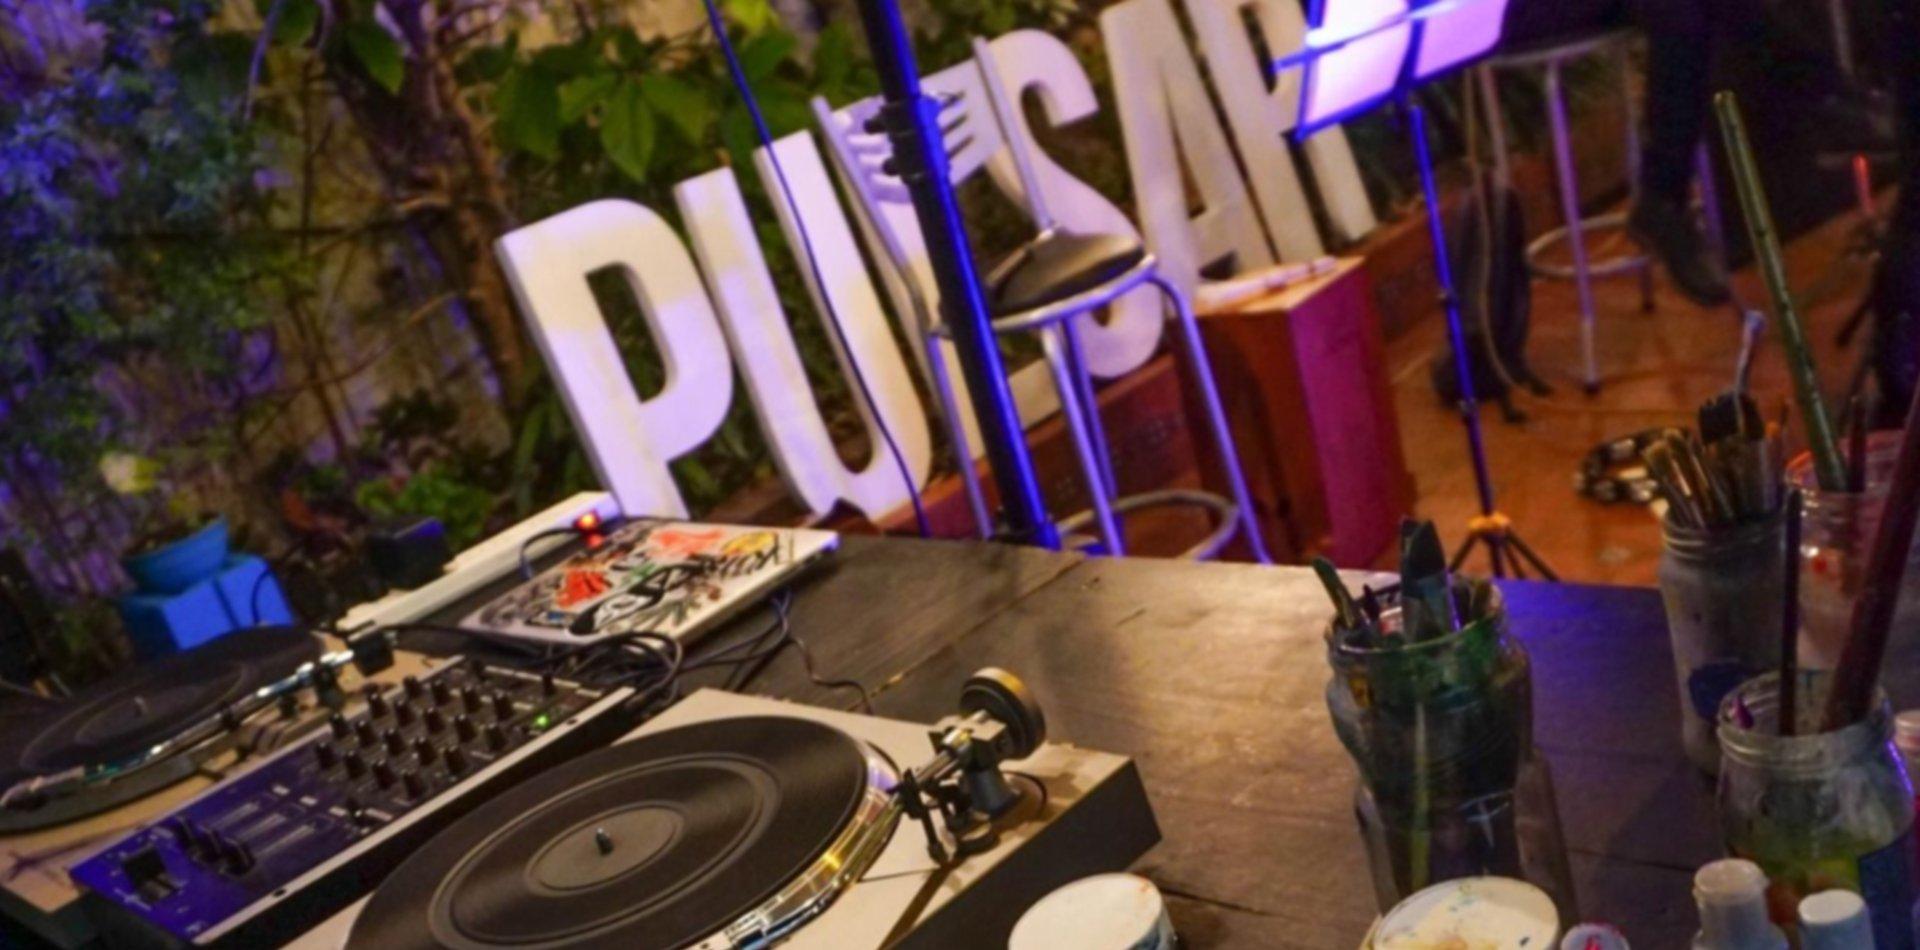 Adaptados a los nuevos tiempos, Casa Pulsar lanza una agenda cultural víastreaming